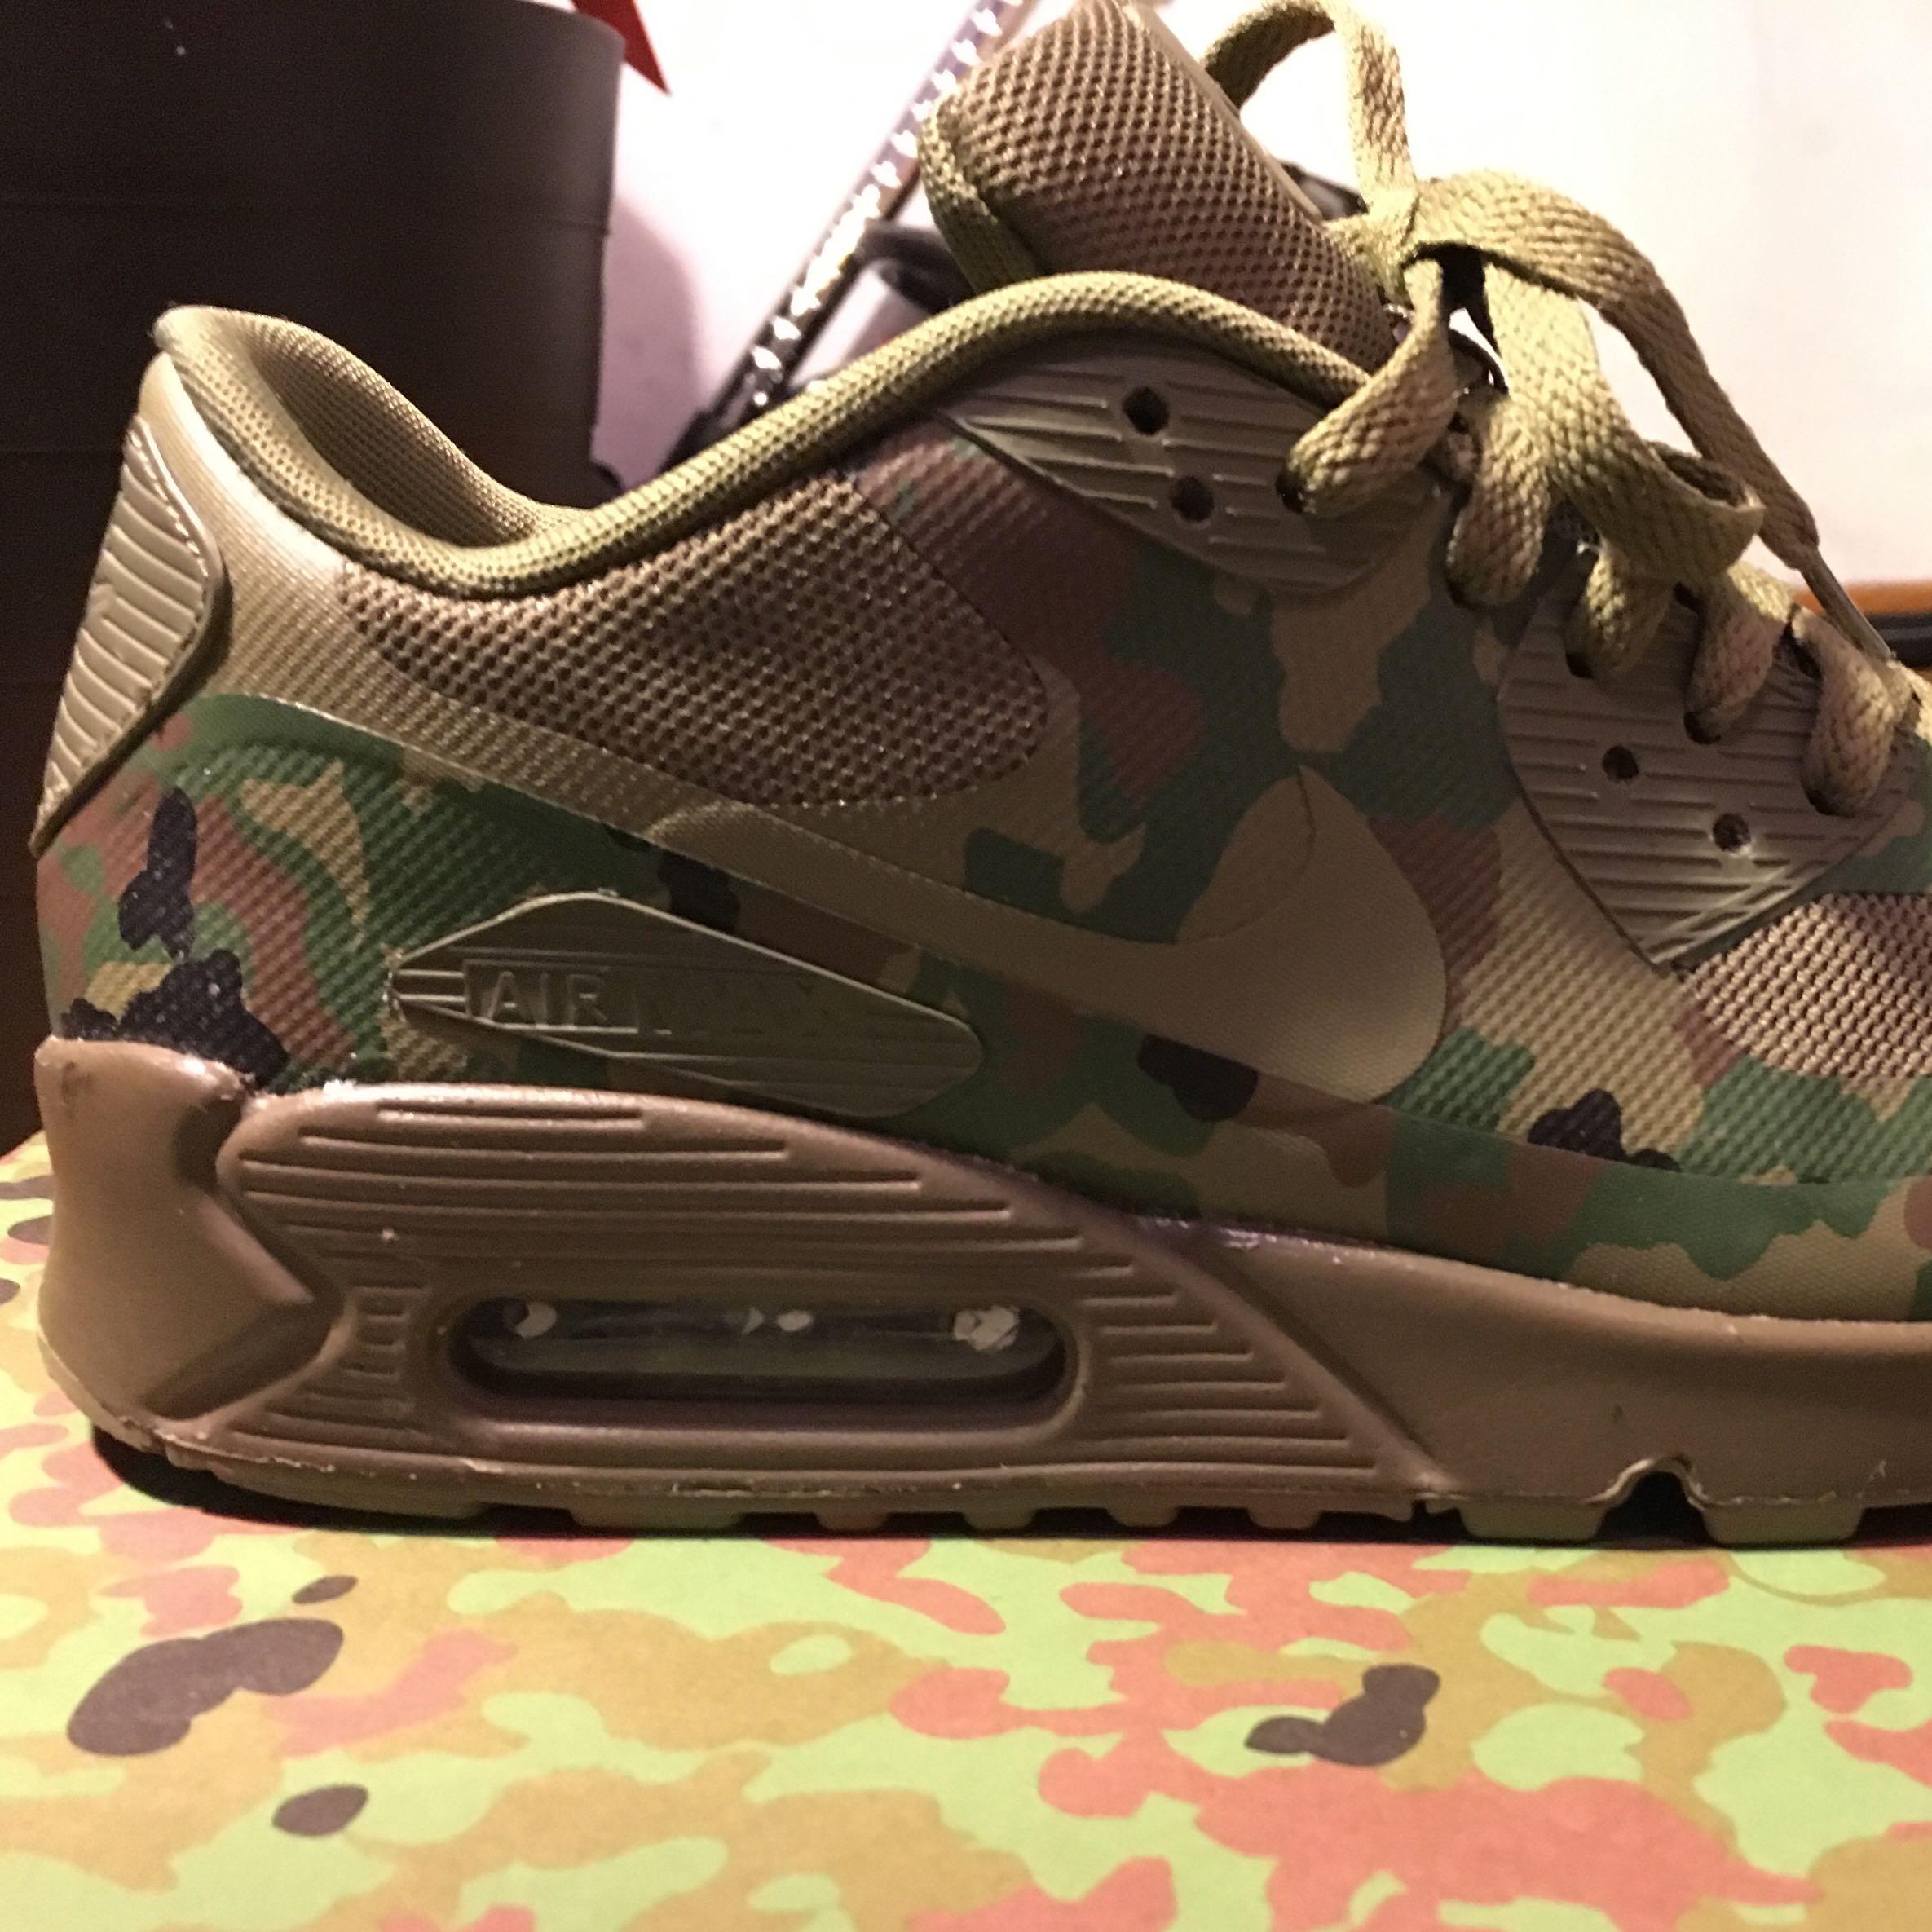 sports shoes 1034f 248a7 Wie viel sind meine Schuhe noch wert  Air Max 90 Japan Sp camo  (  1377493 378234182315750 271635705 n  1383177 378234165649085 867261257 n ...